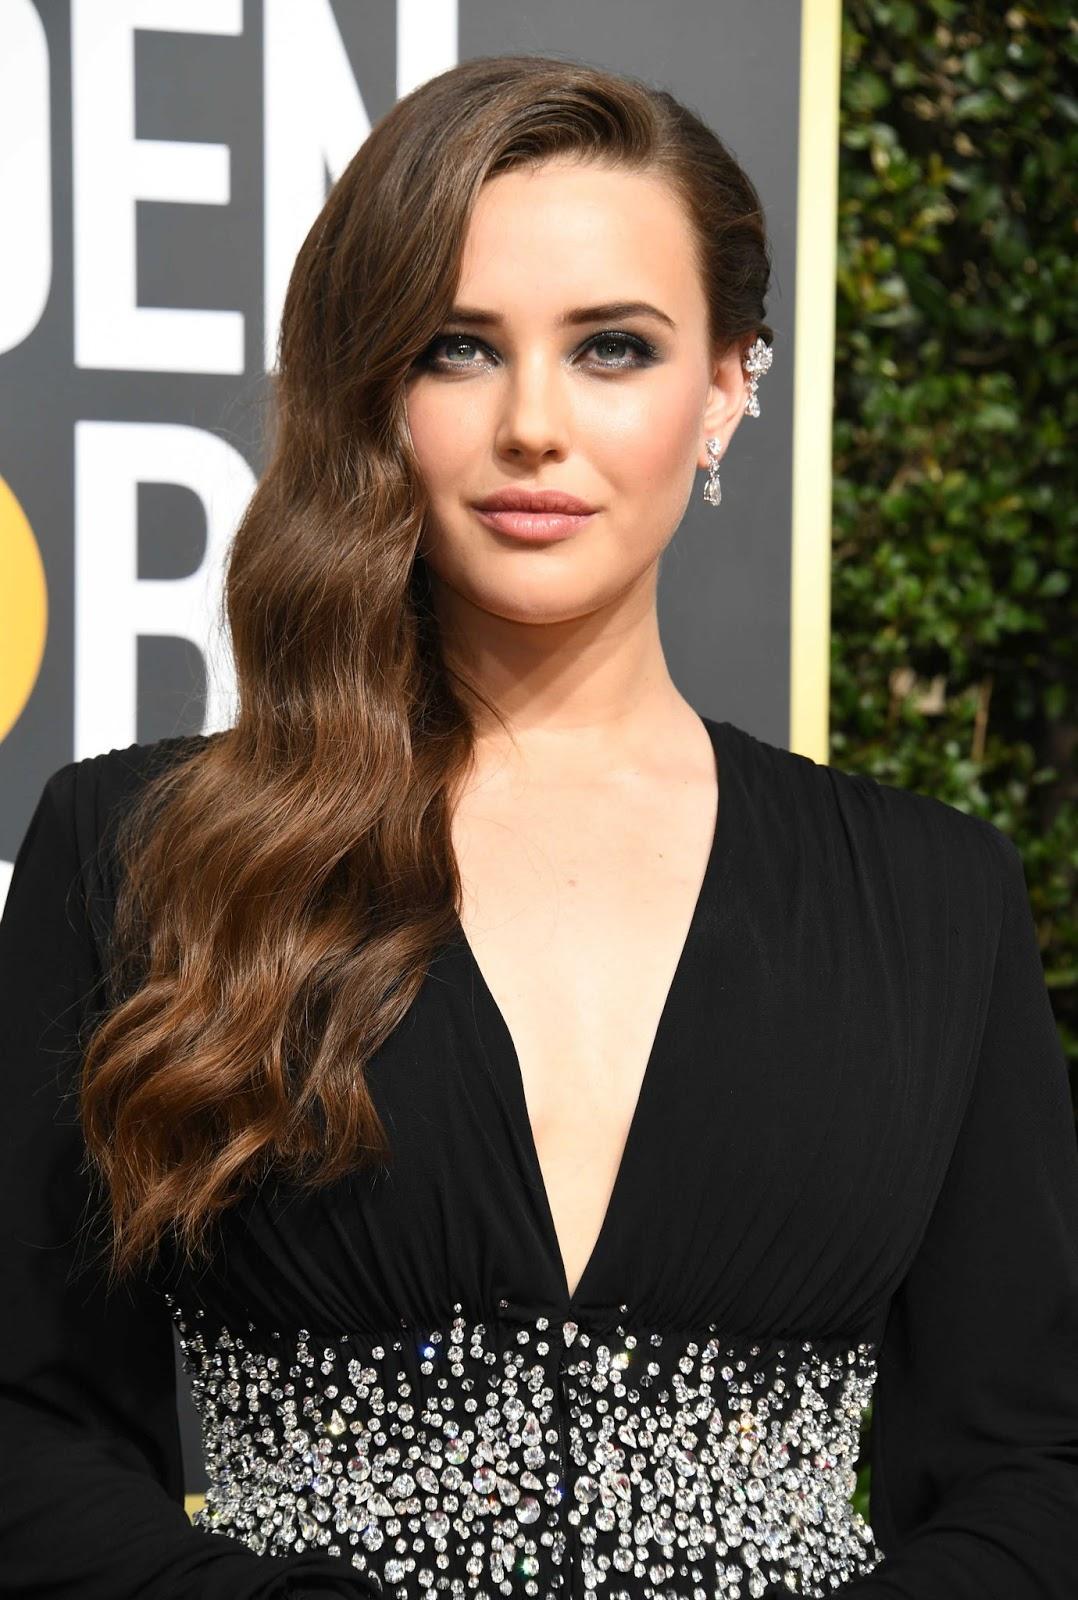 Katherine Langford Dress Posing at  Golden Globe Awards